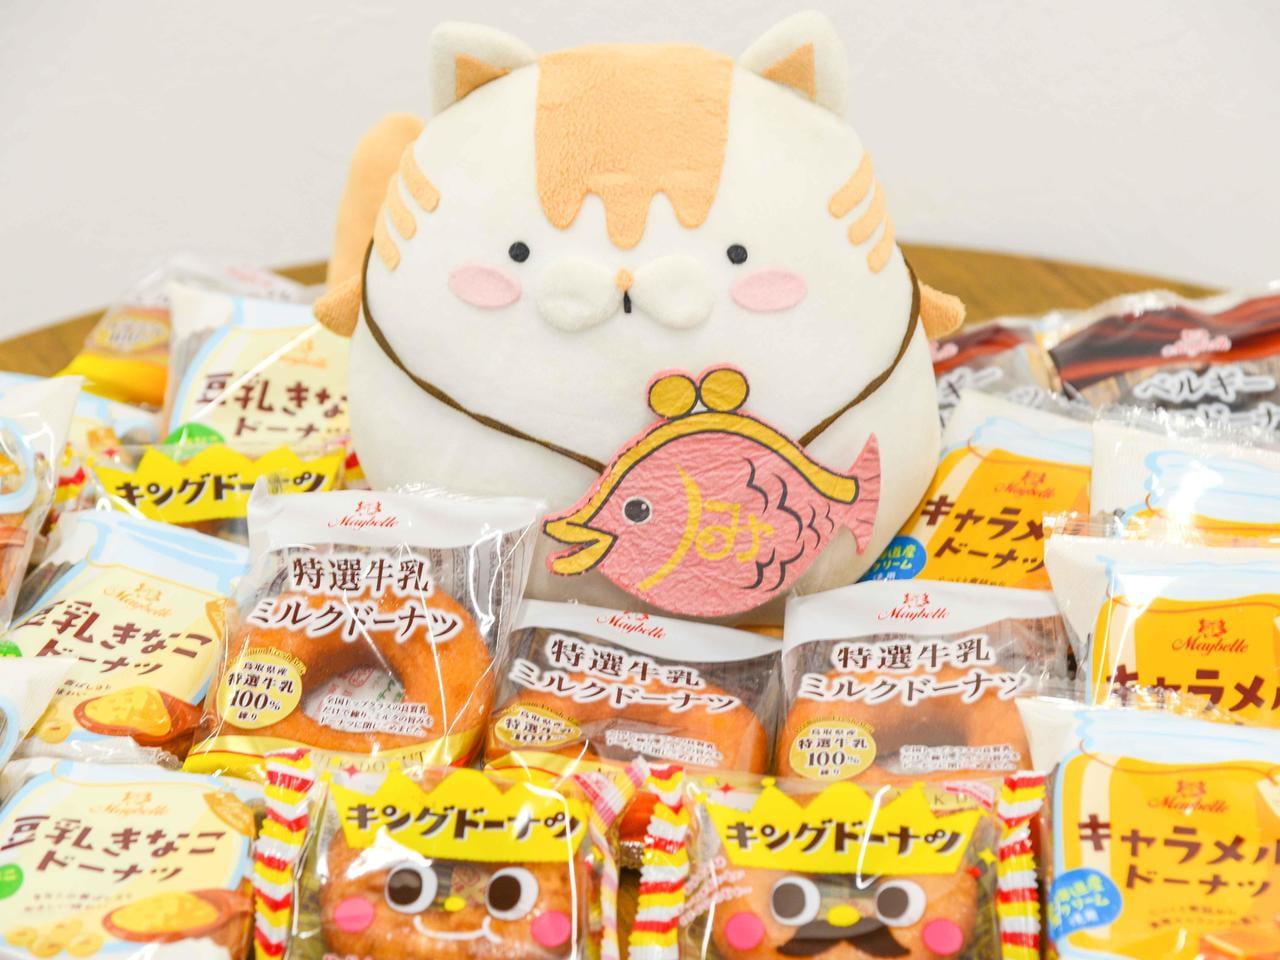 みんな大好き!キングドーナツ【丸中製菓 ドーナツファクトリー】お得なアウトレット情報も